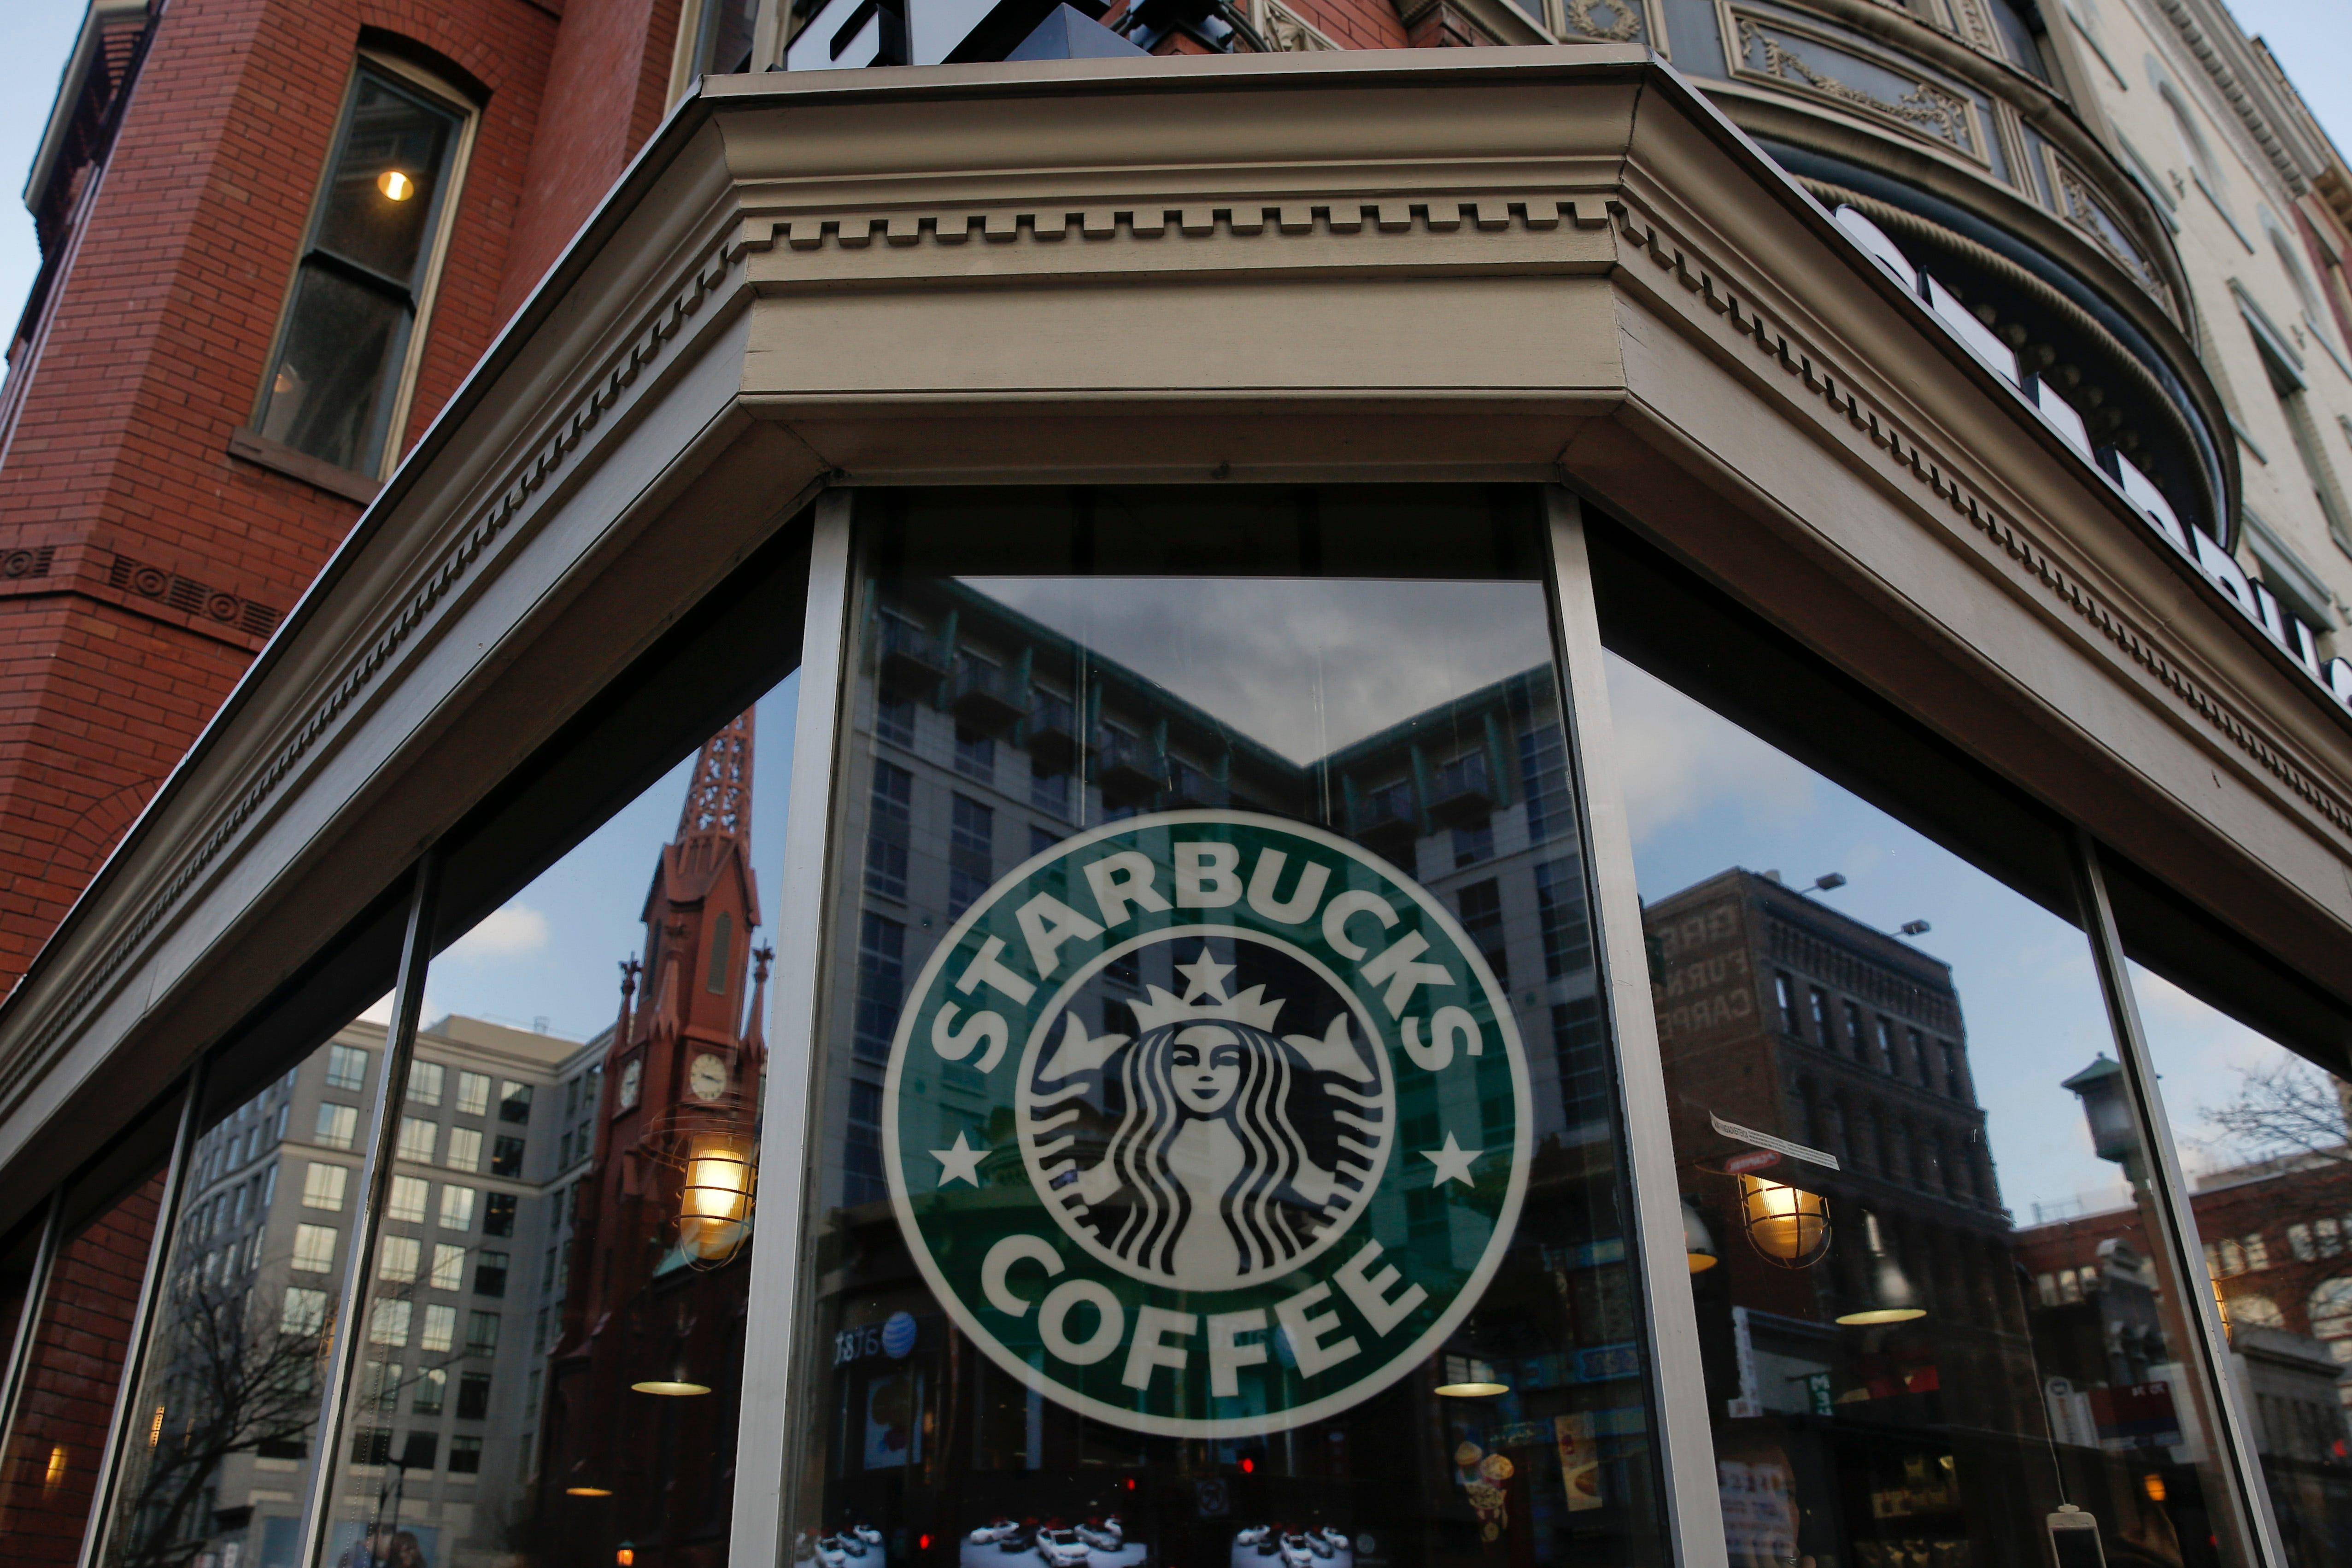 EU says Starbucks, FIAT profited from illegal tax breaks